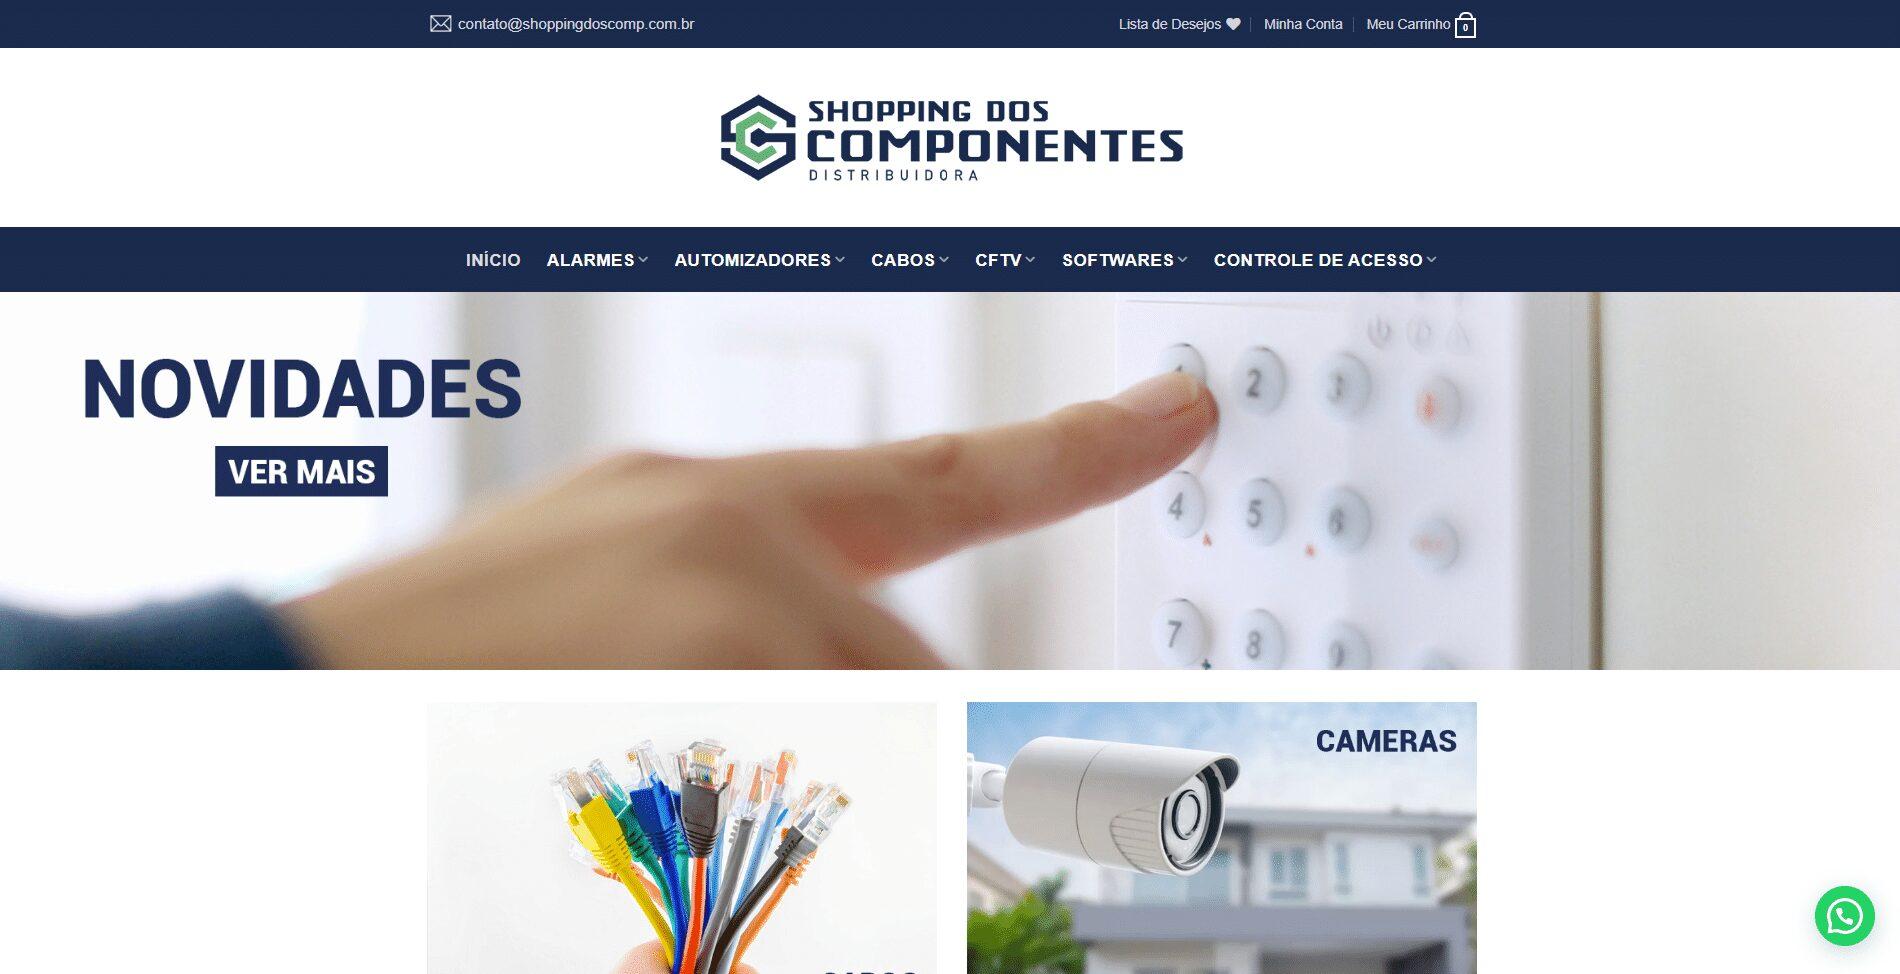 E-commerce Shopping dos Componentes